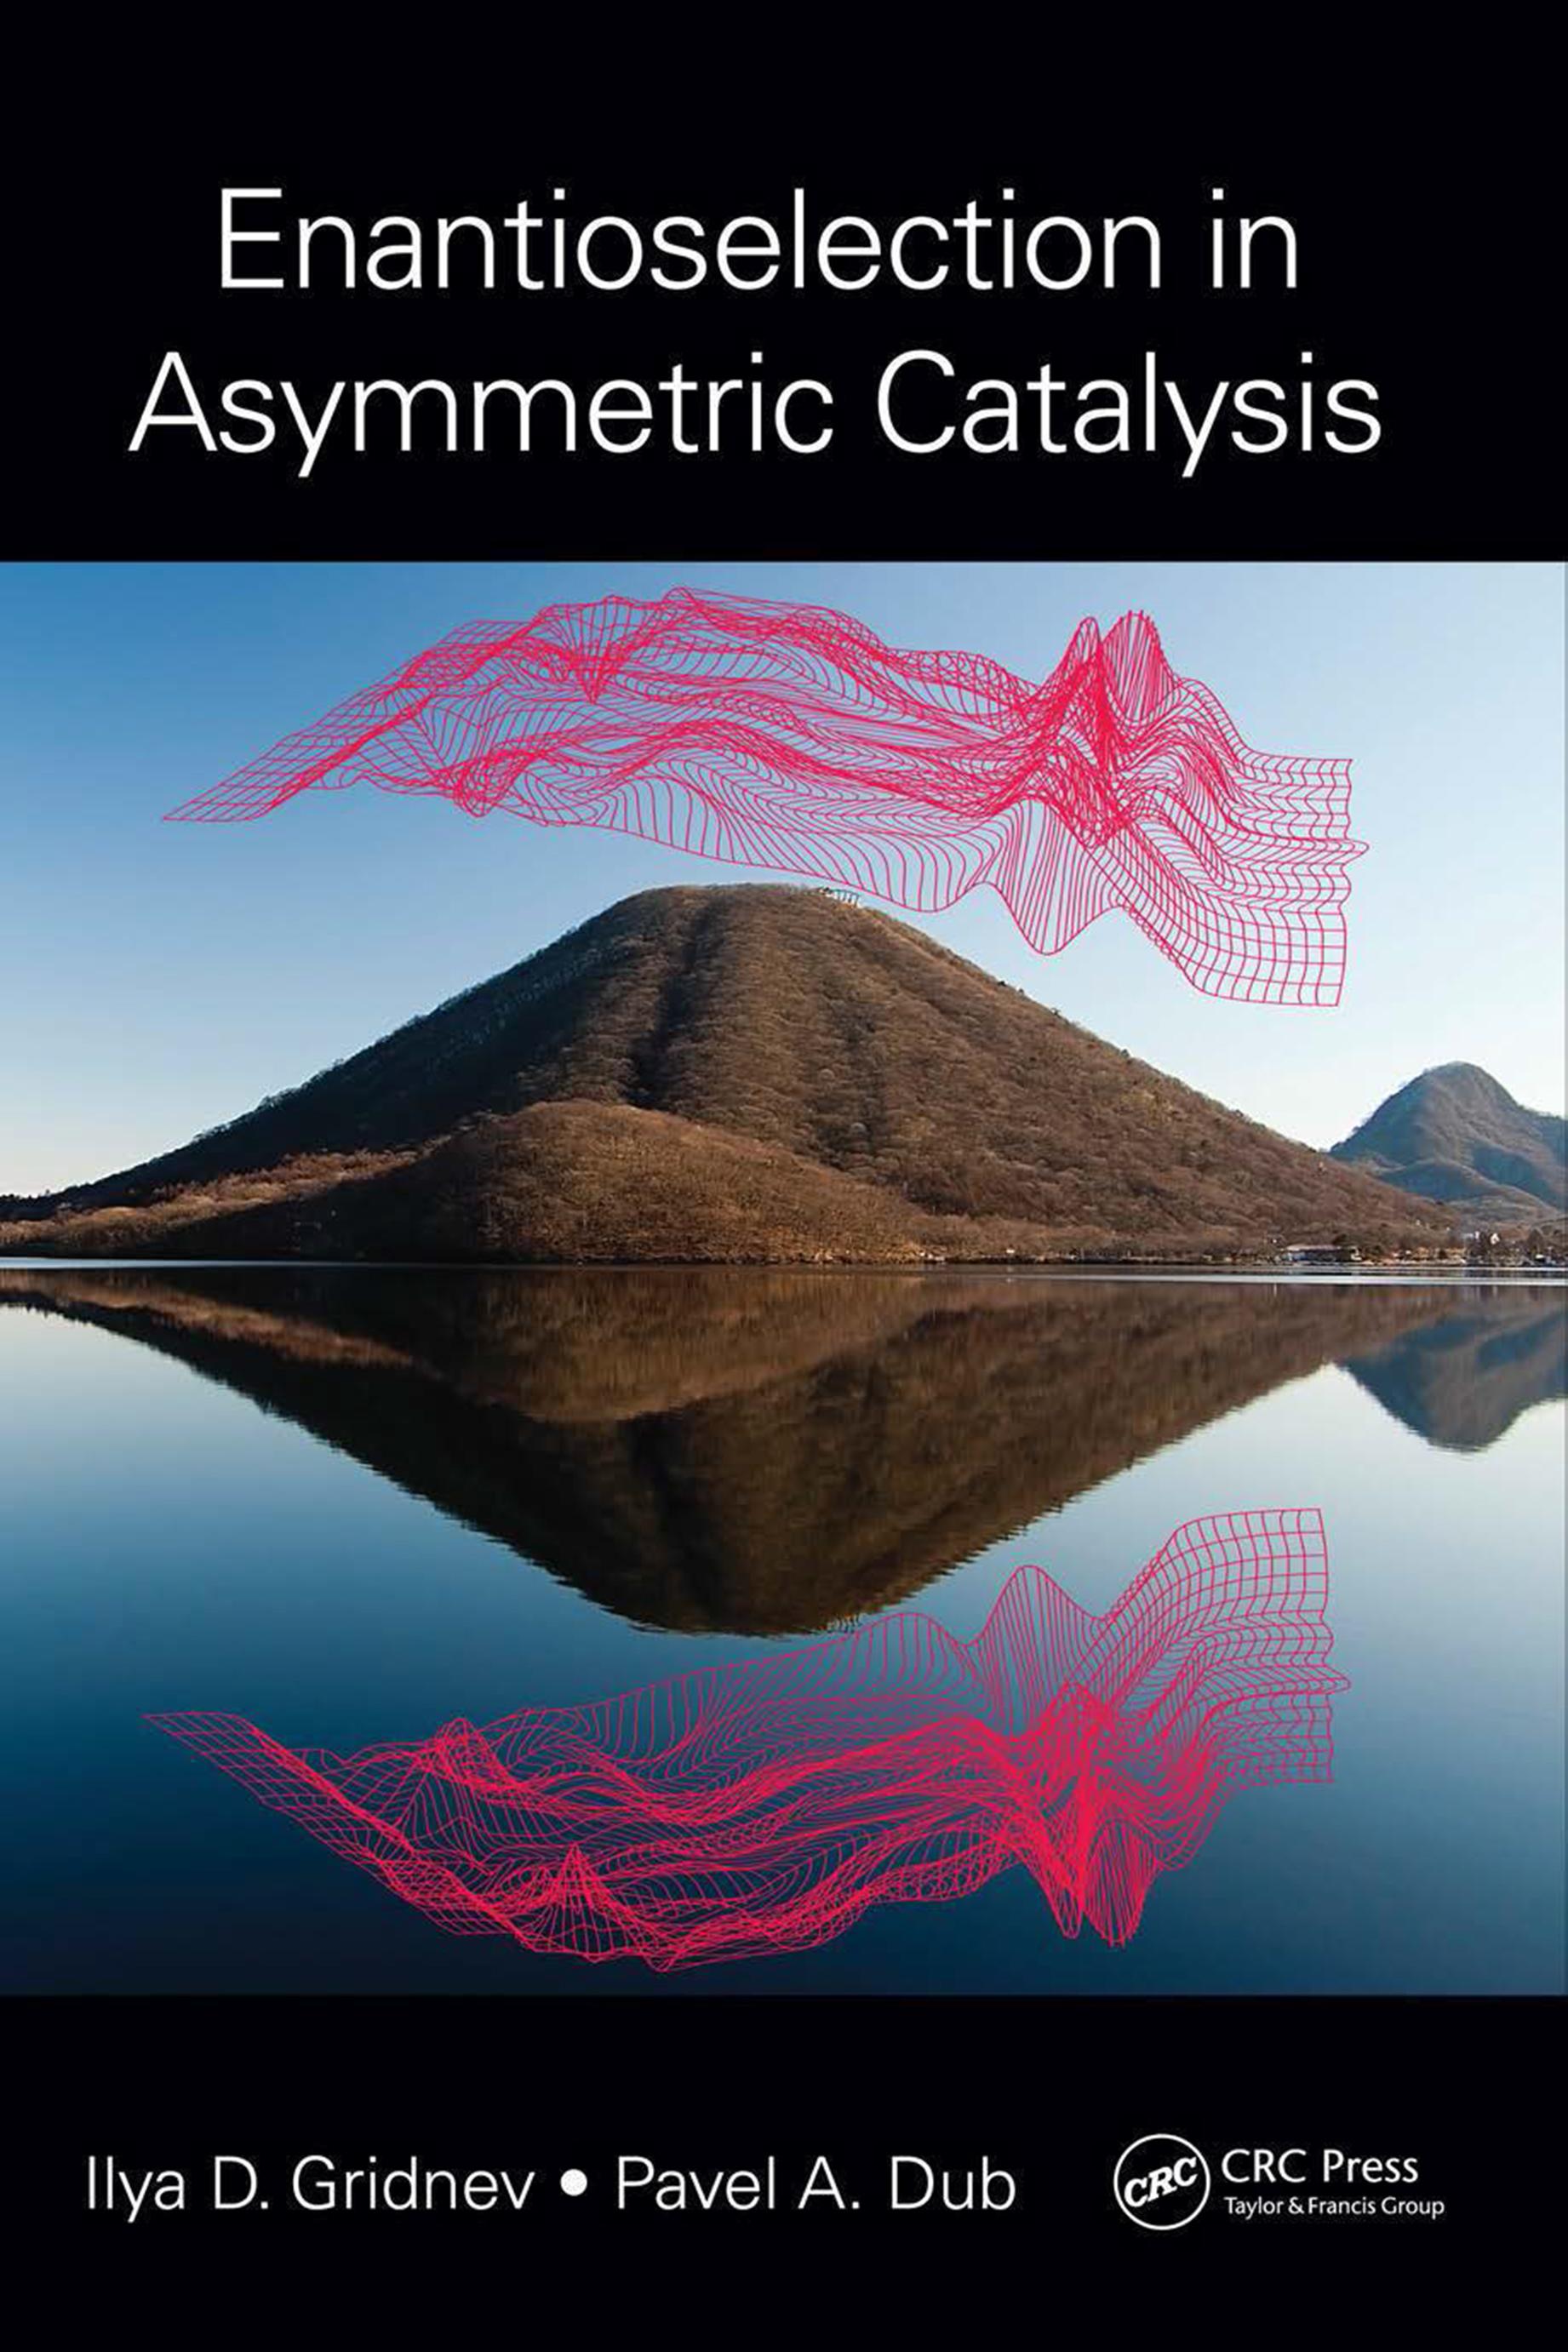 Enantioselection in Asymmetric Catalysis